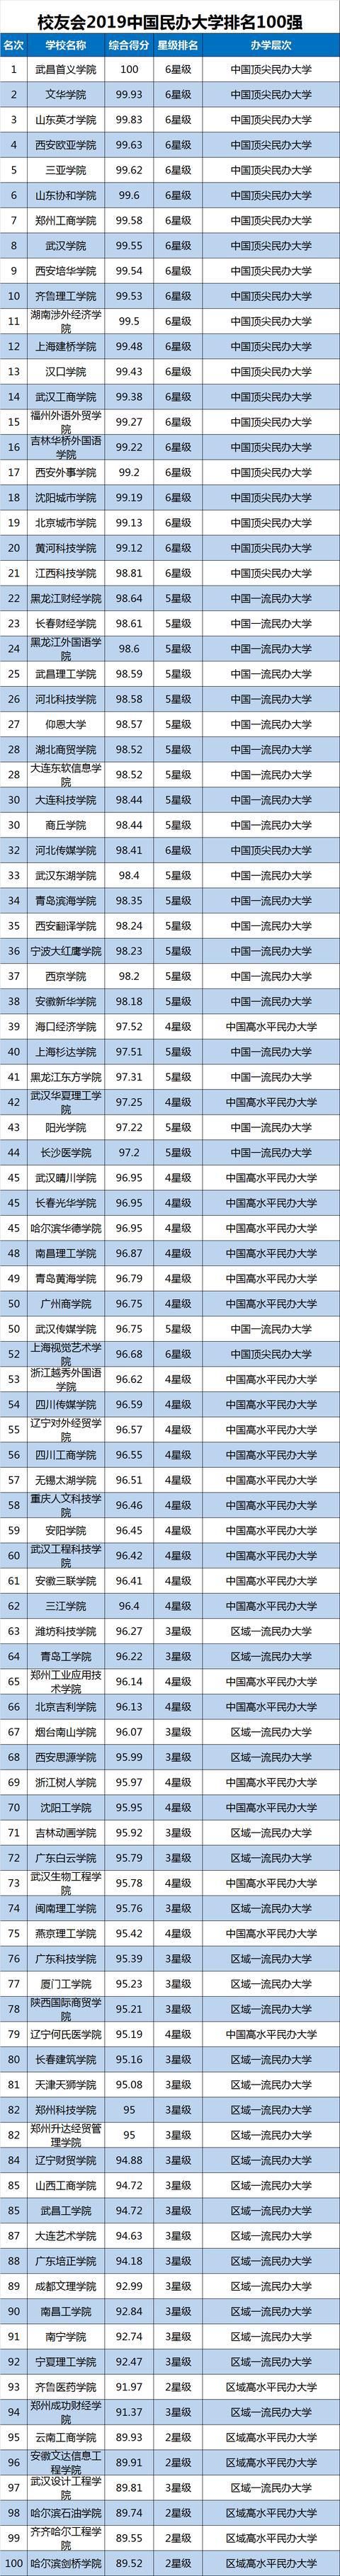 民办大学哪家强?天津民办大学榜单